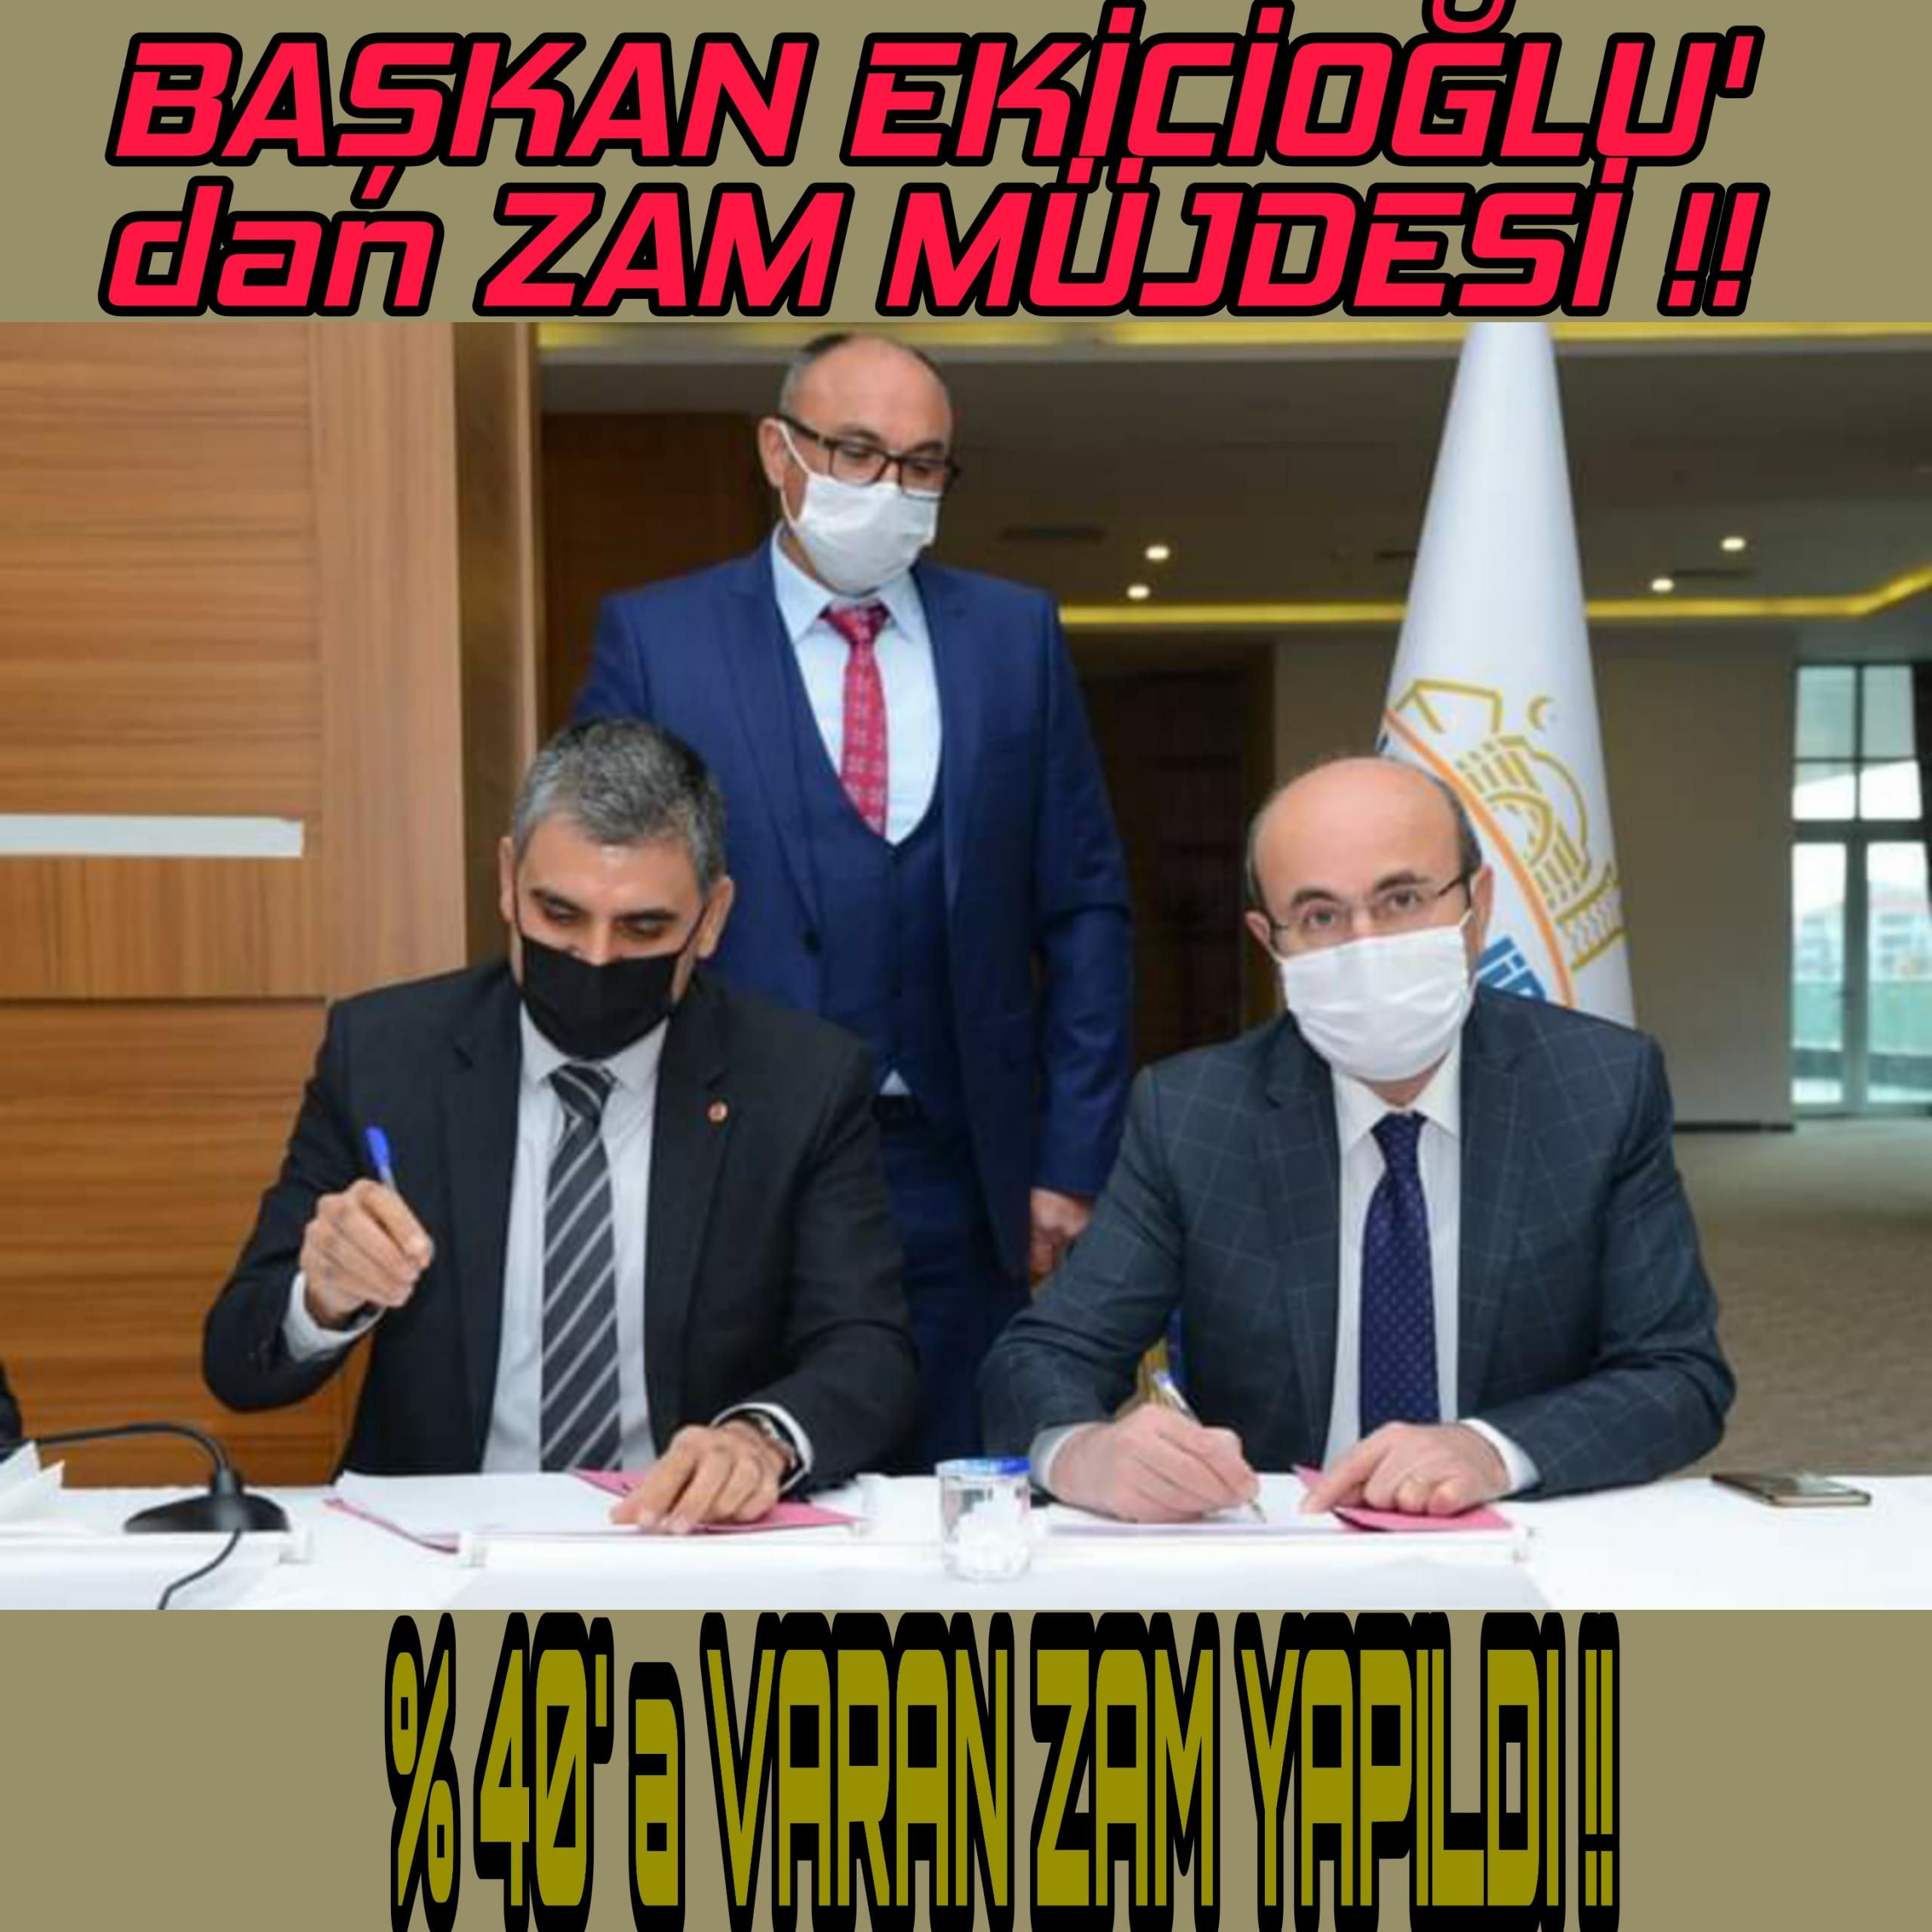 BAŞKAN EKİCİOĞLU EMEKÇİ' nin YANINDAYIM !!